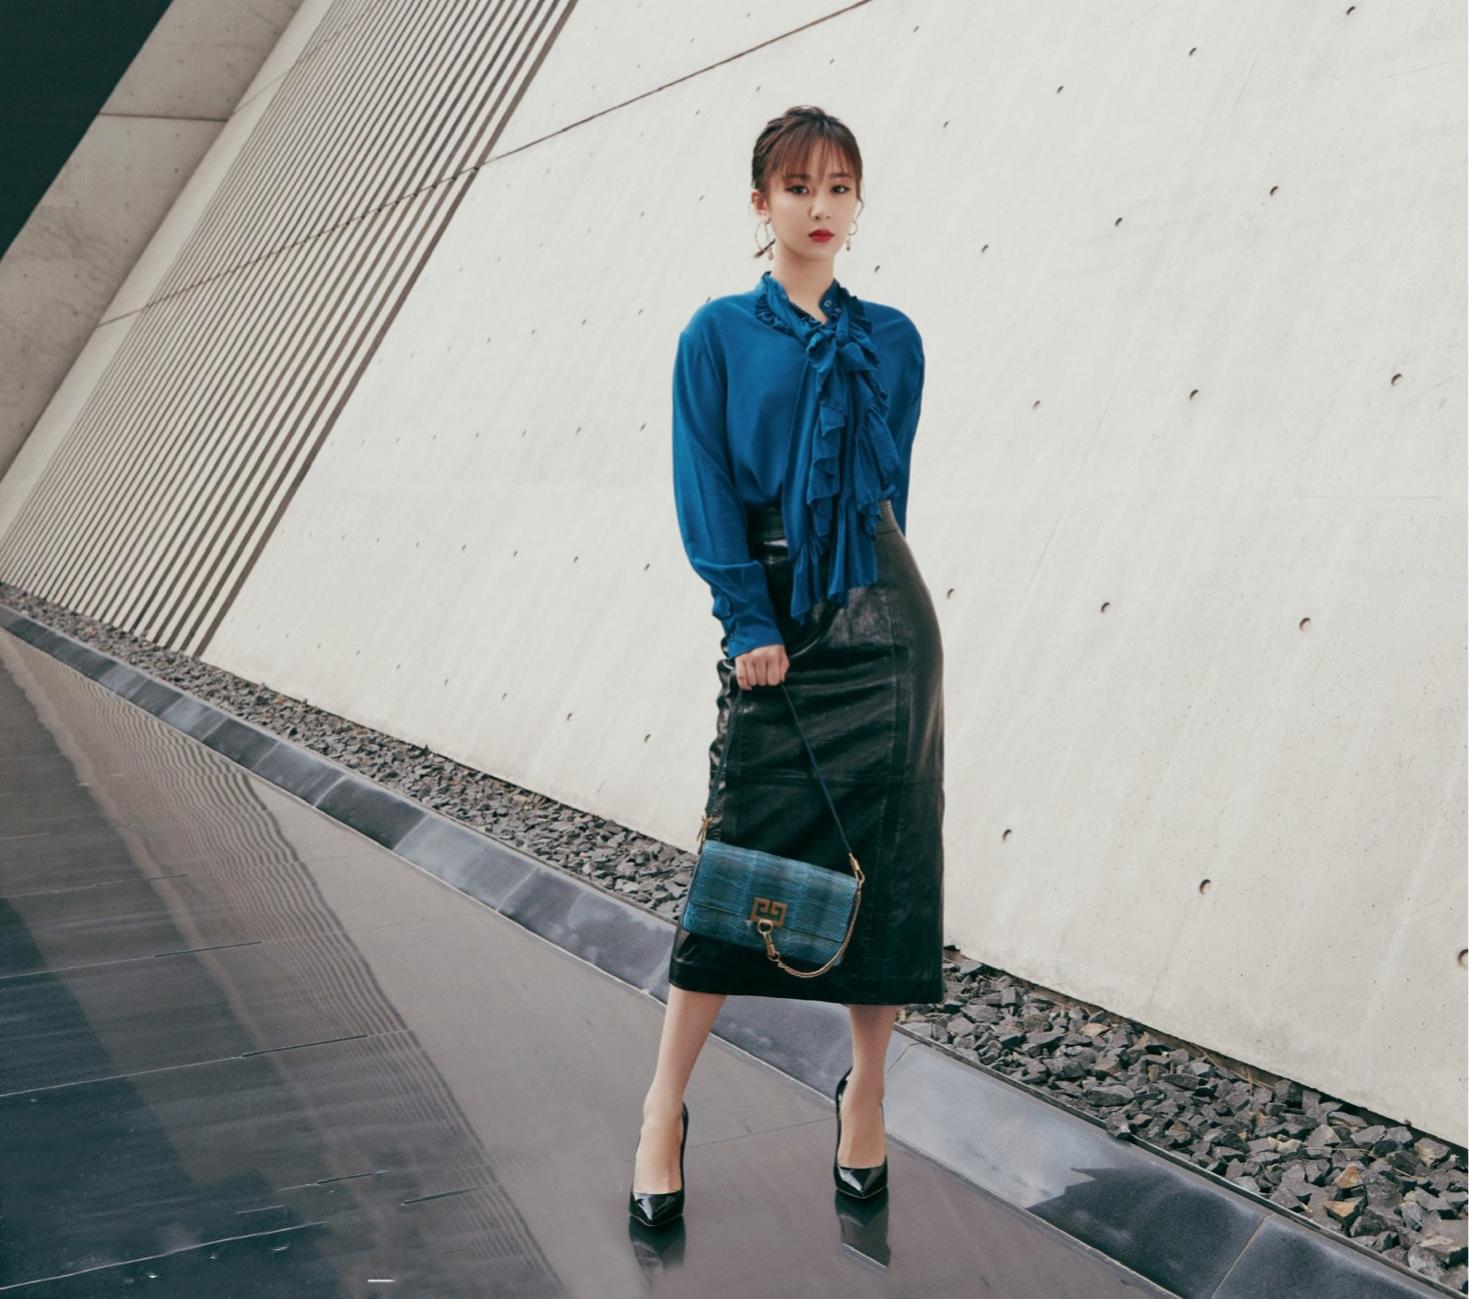 杨紫街拍大片曝光,穿蓝色衬衫搭黑皮裙酷酷,时尚感爆棚